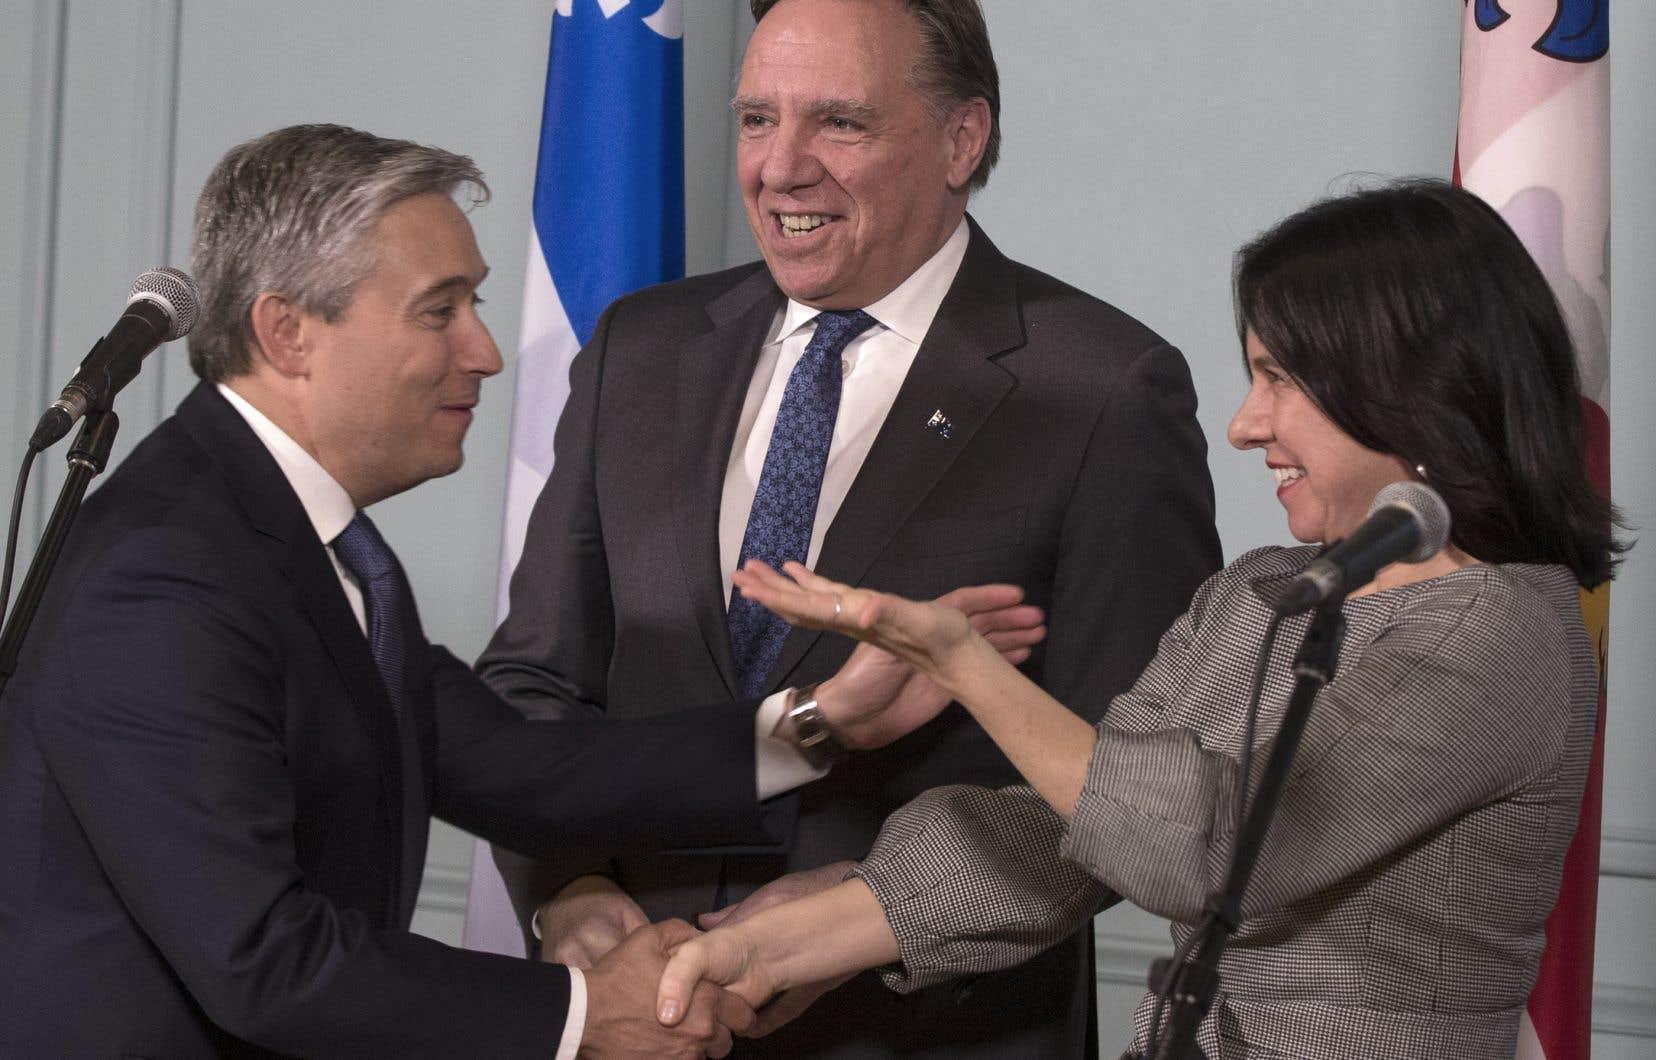 L'annonce a été faite jeudi à Montréal par le premier ministre du Québec, François Legault, le ministre fédéral de l'Infrastructure, François-Philippe Champagne, et la mairesse de Montréal, Valérie Plante.